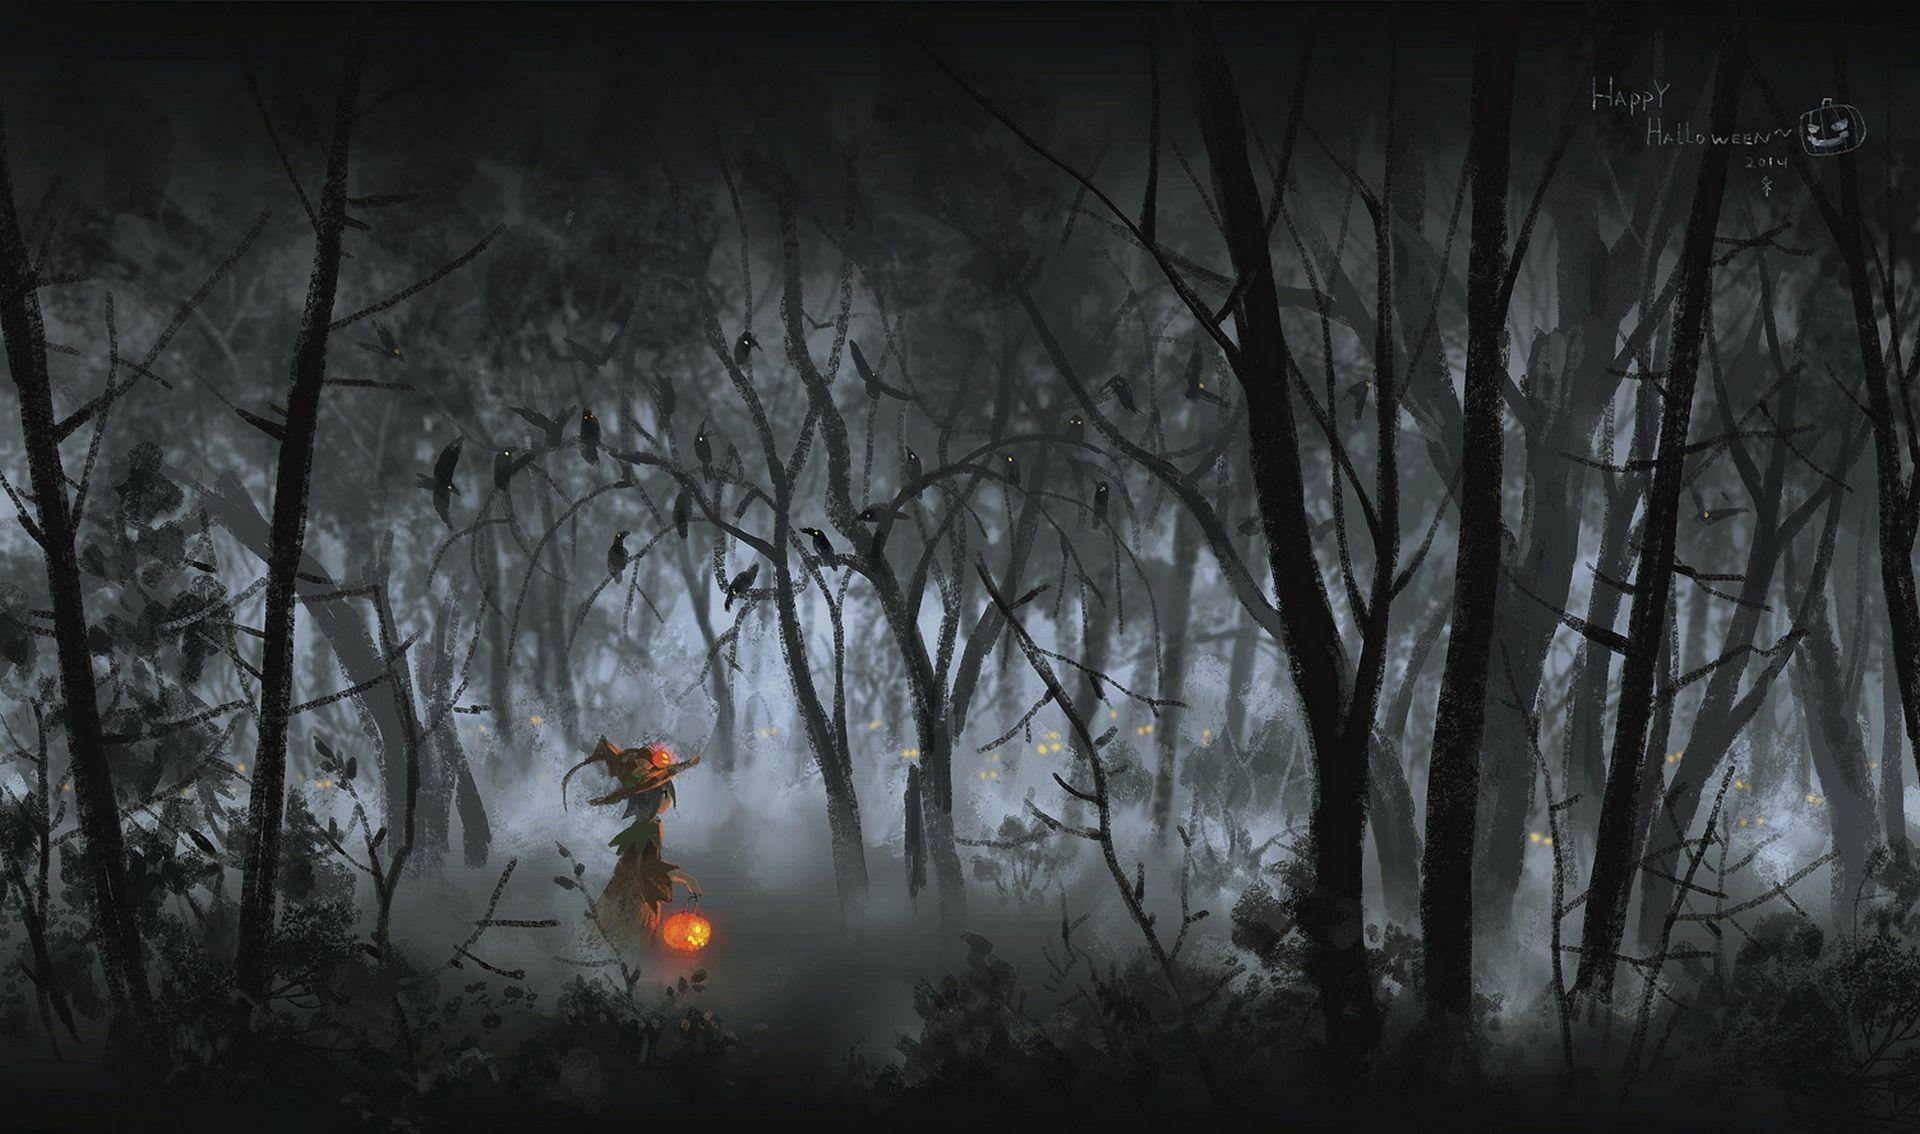 Картинка для 🎃 Halloween Night — время призраков 🎃